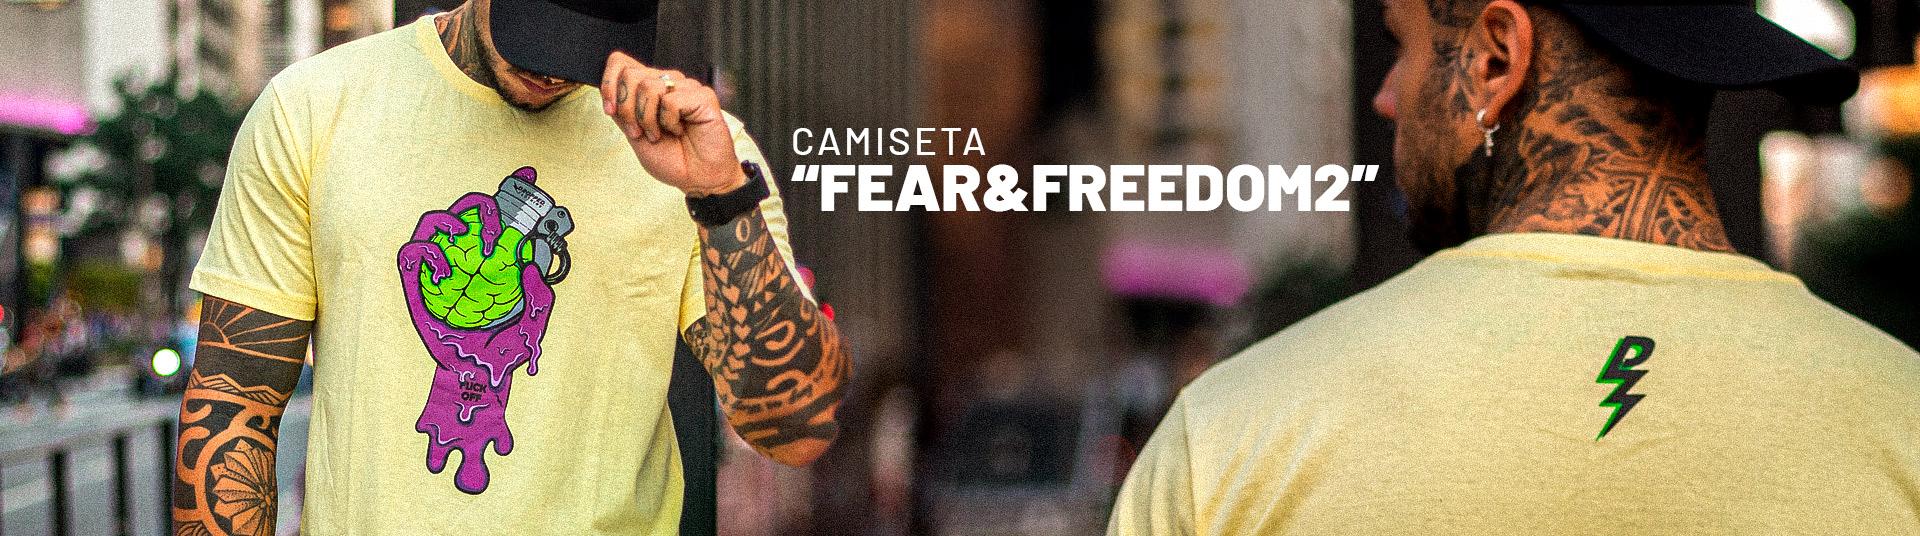 Camiseta Fear&Freedom2